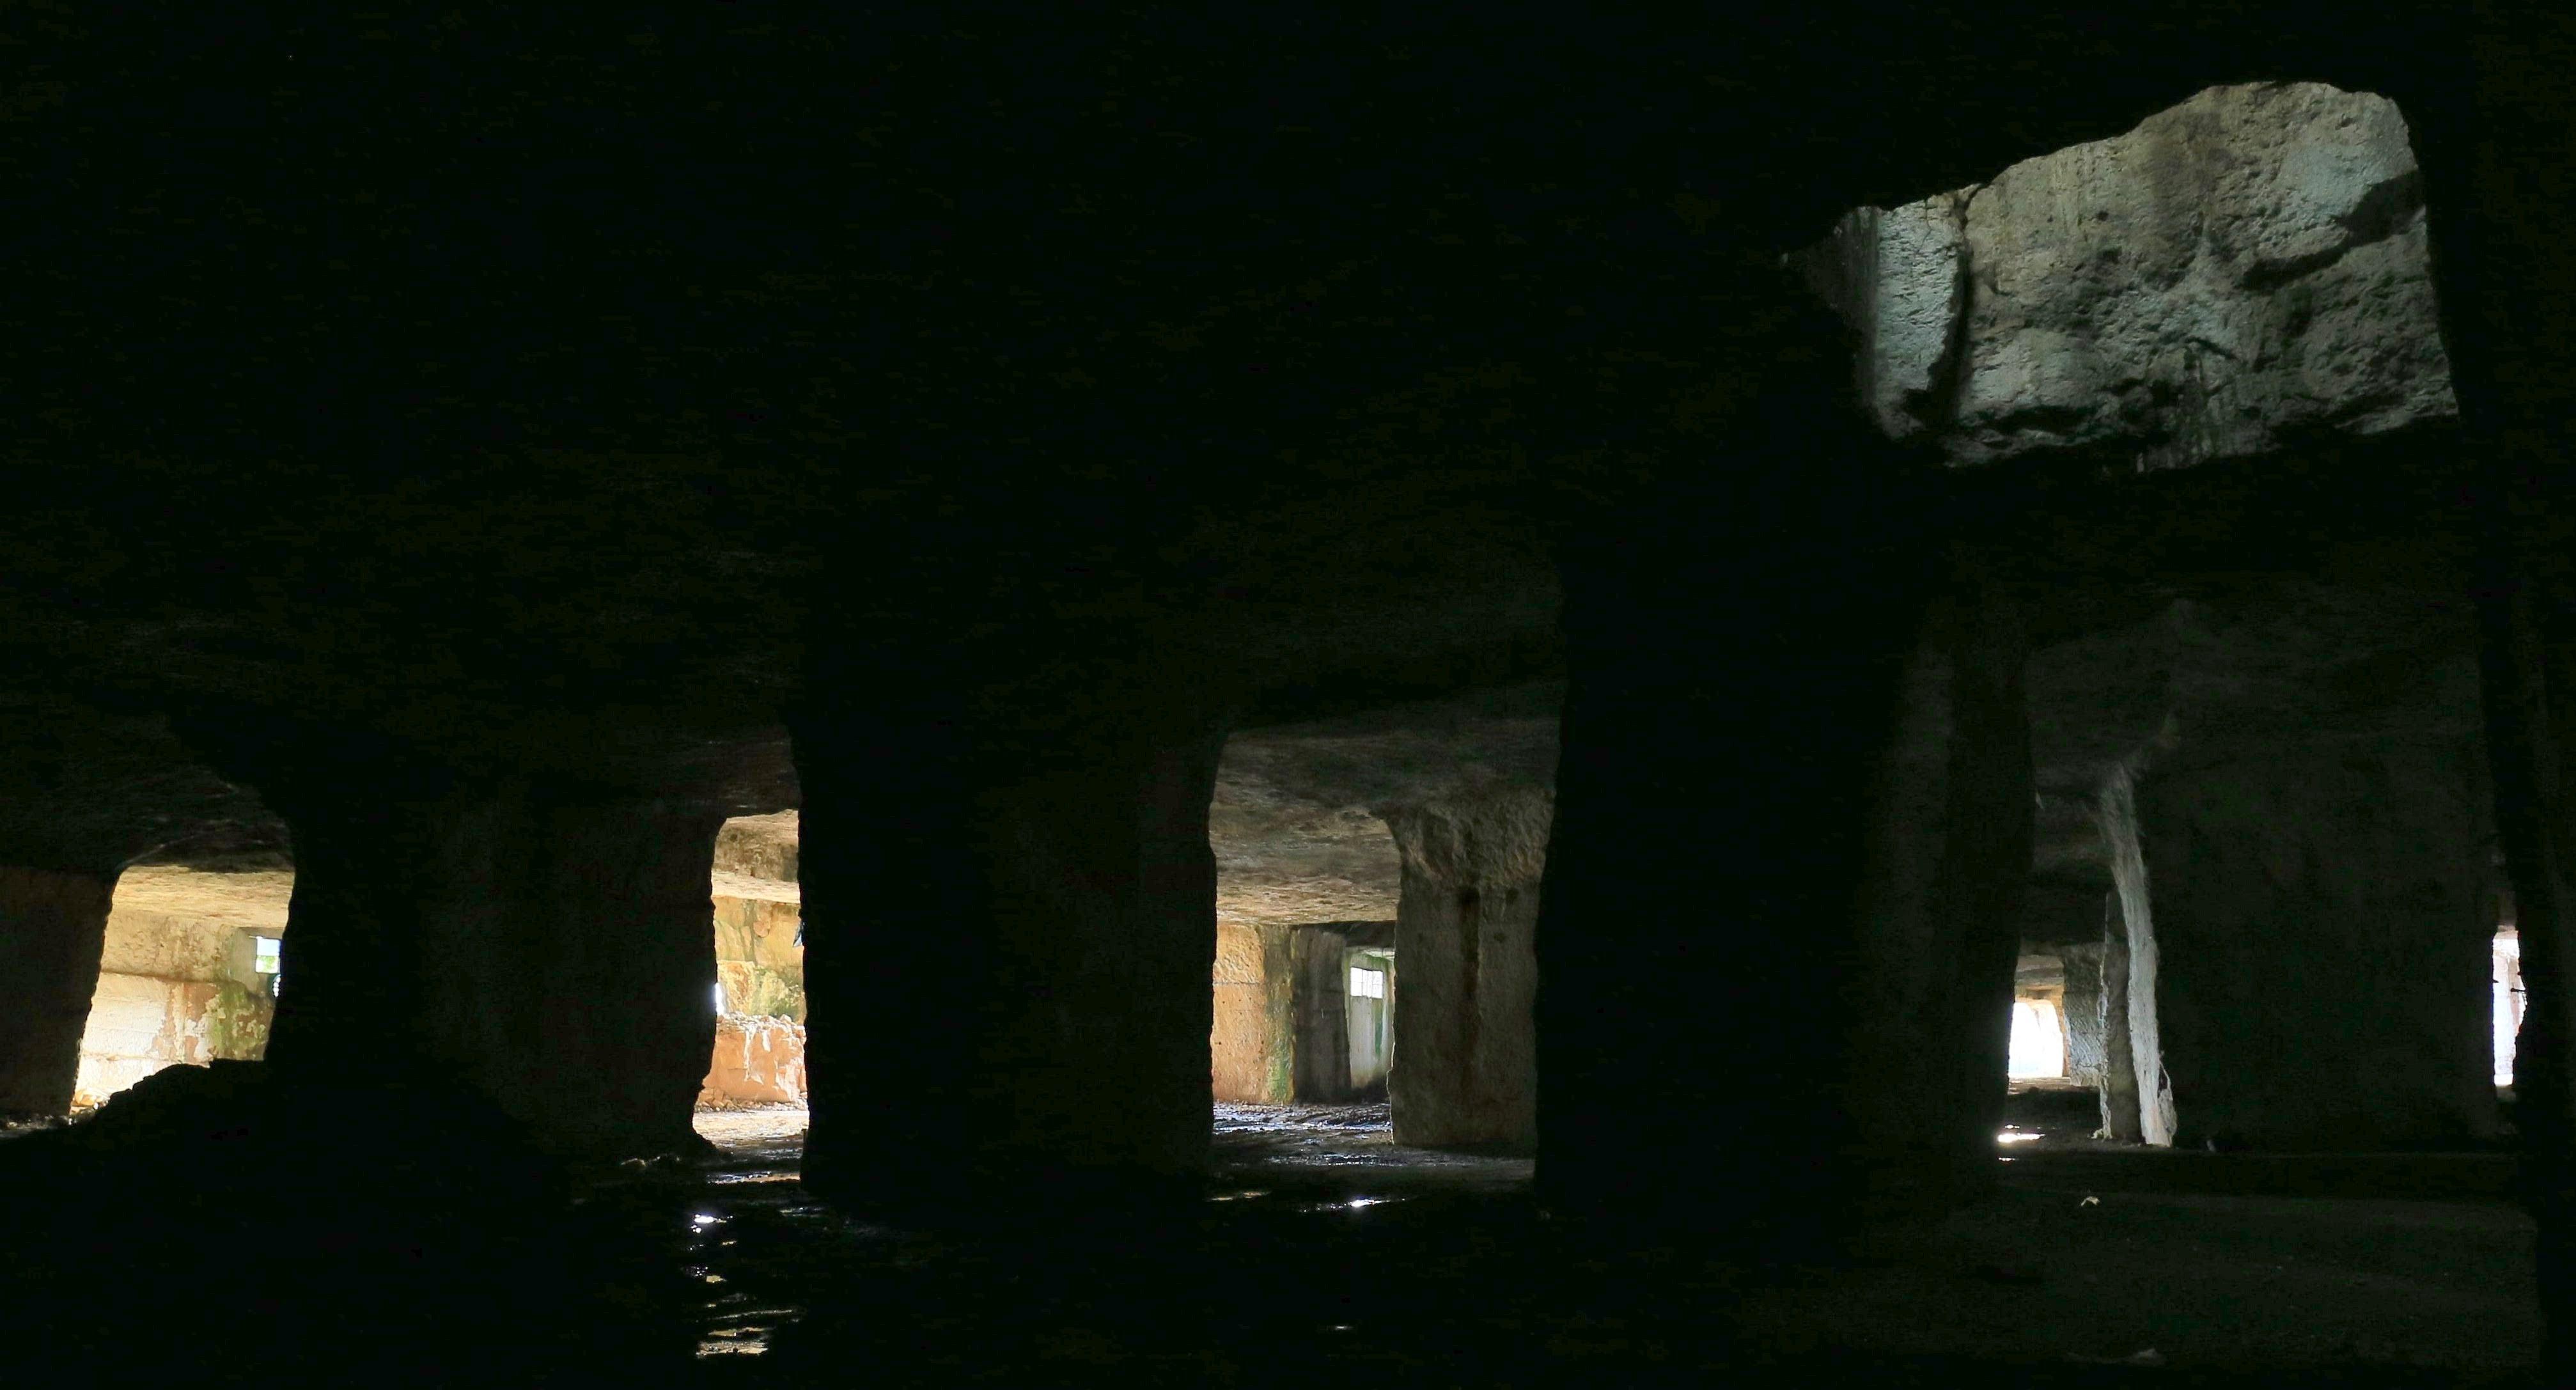 la seconda guida sui luoghi segreti - cave di Salone - foto di Andreas Schatzmann - Le Cave di Salone - foto di A.Schatzmann